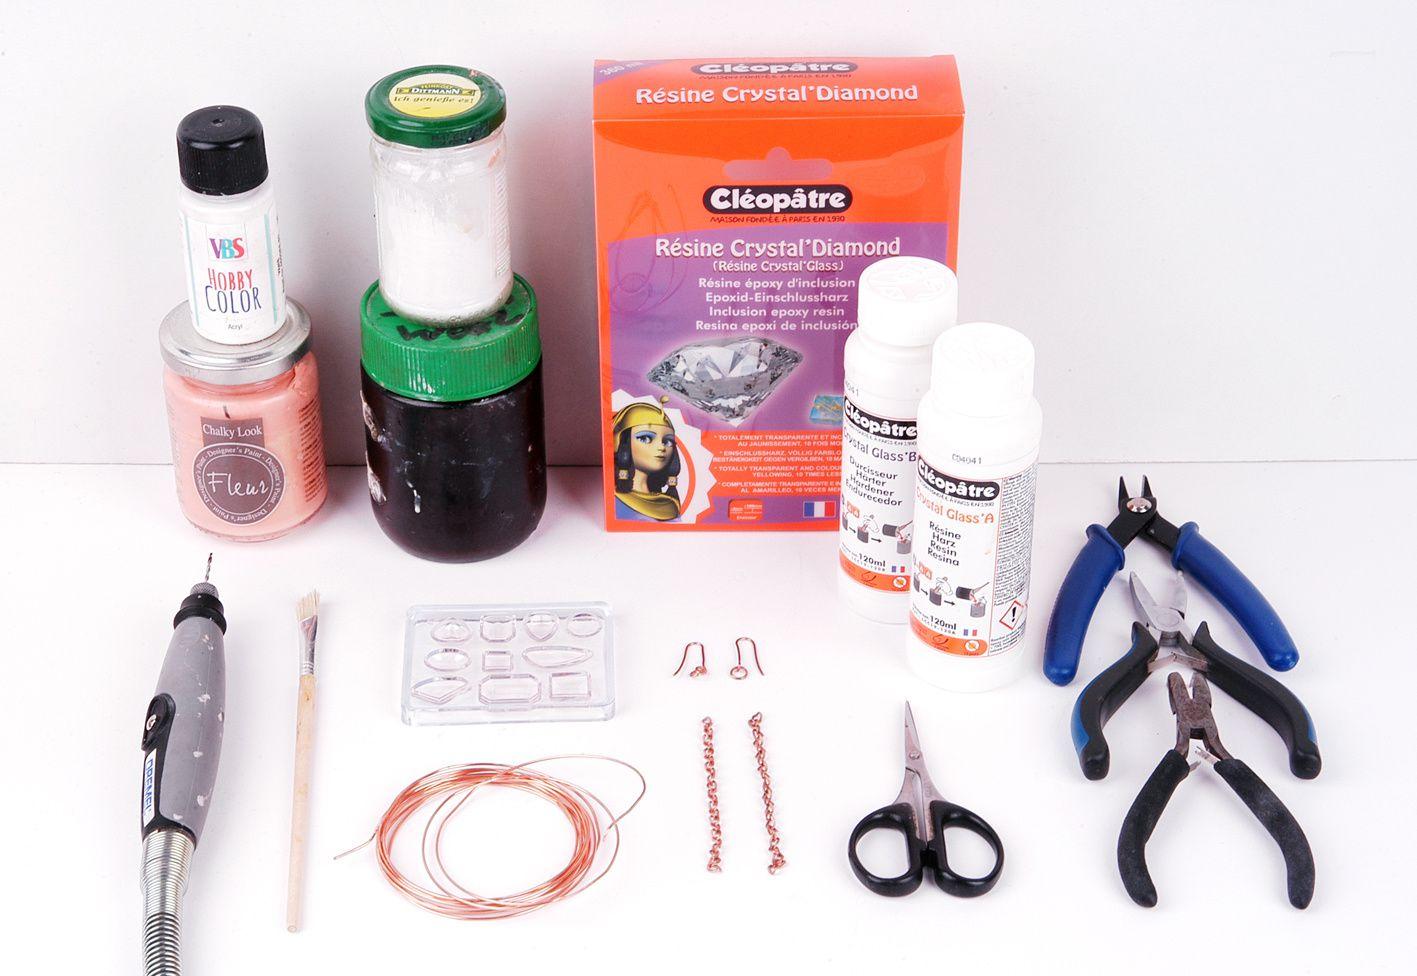 Materialbedarf für die DIY-Ohrringe mit Kusntharz-Schmucksteinen.